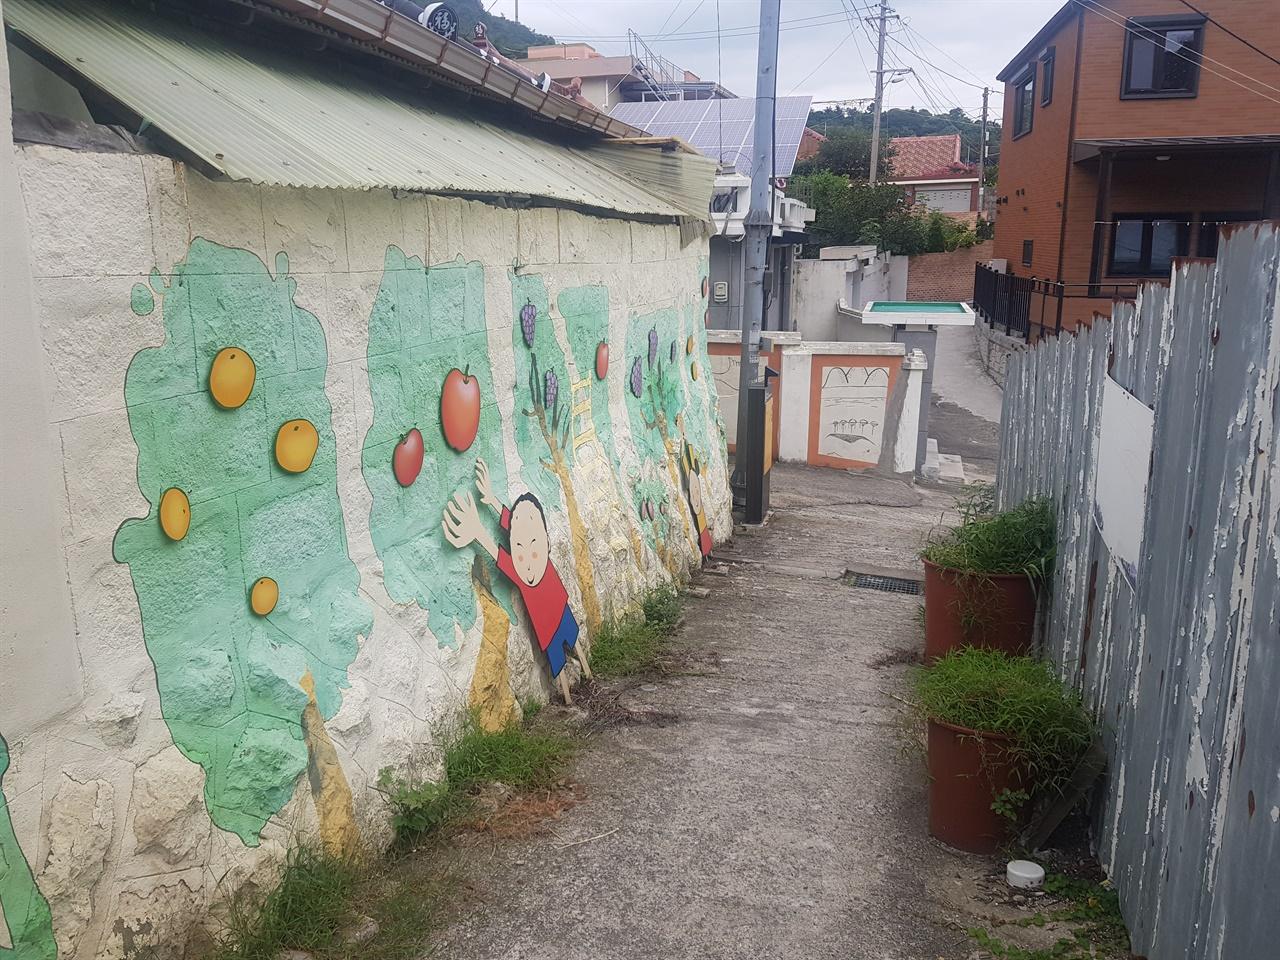 오래된 동네이지만 벽화들이 있기에 마음이 평화롭다.